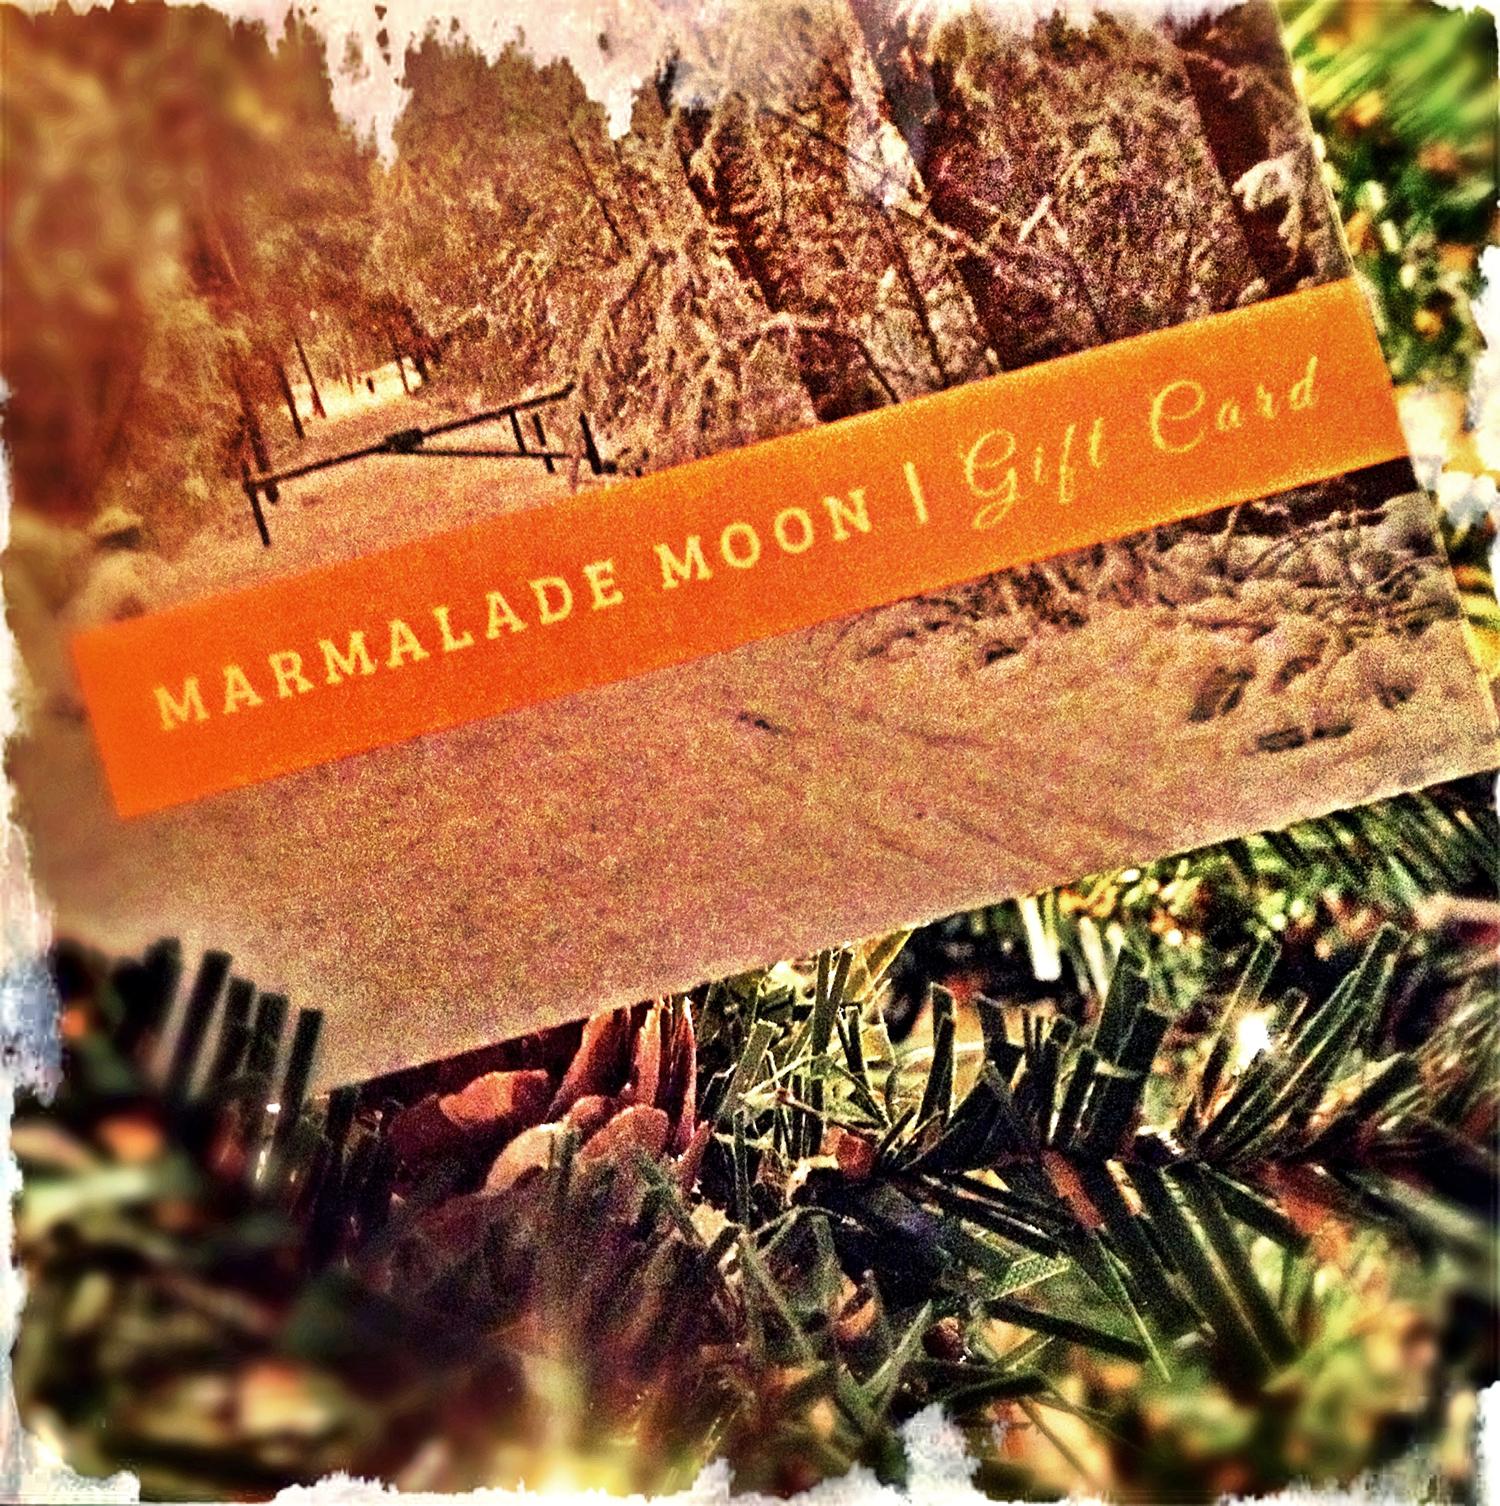 Marmalade Moon Gift Card